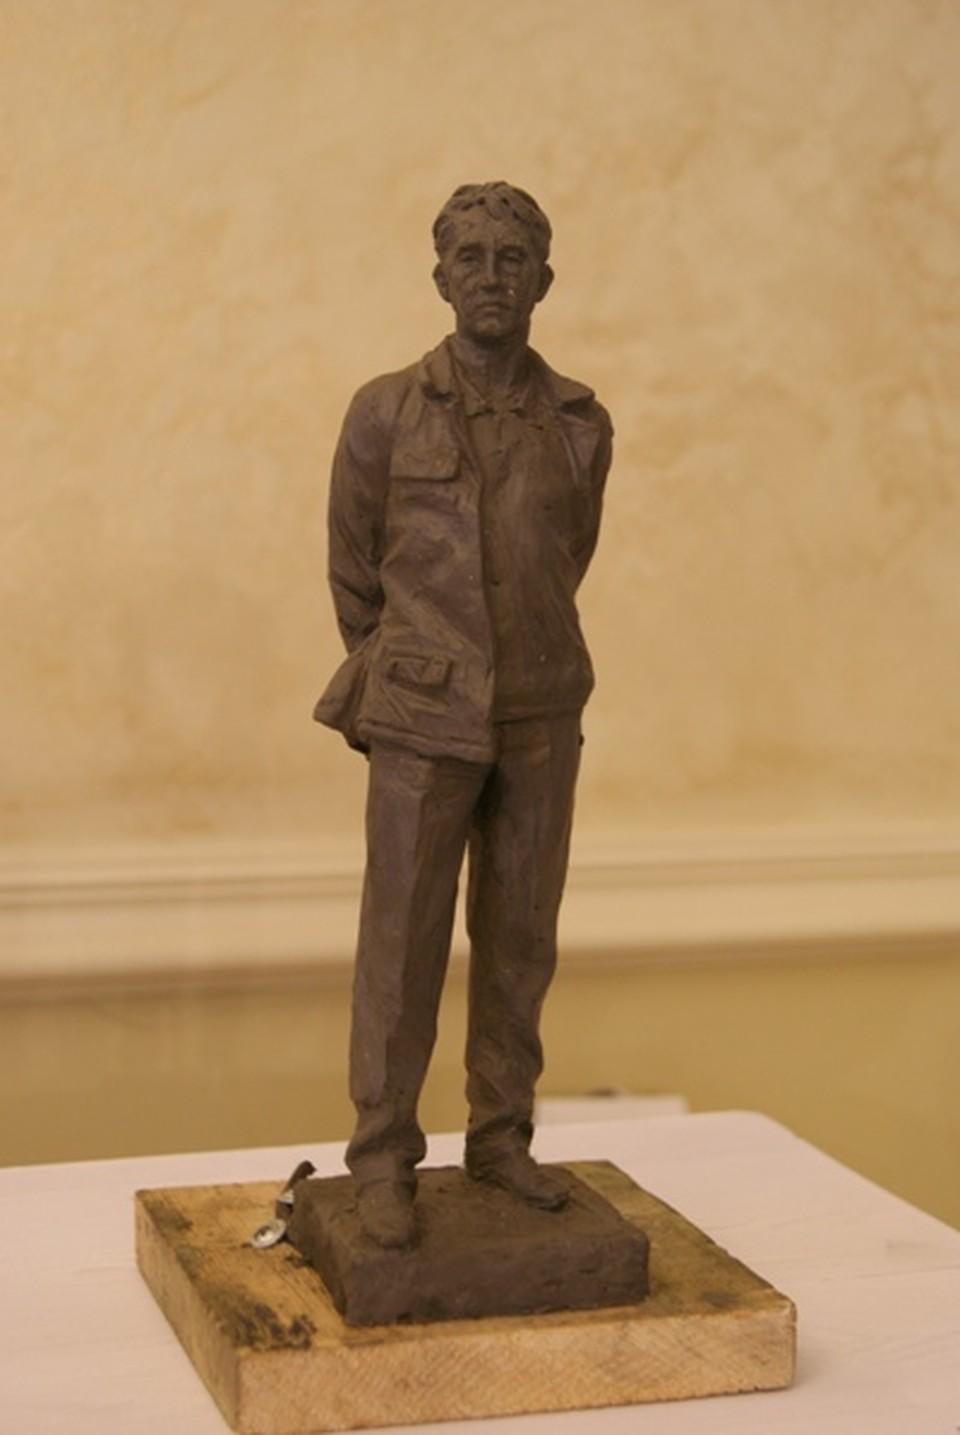 Такой памятник Юрию Ножикову появится в Иркутске. Автор - скульптор из Москвы Игорь Яворский